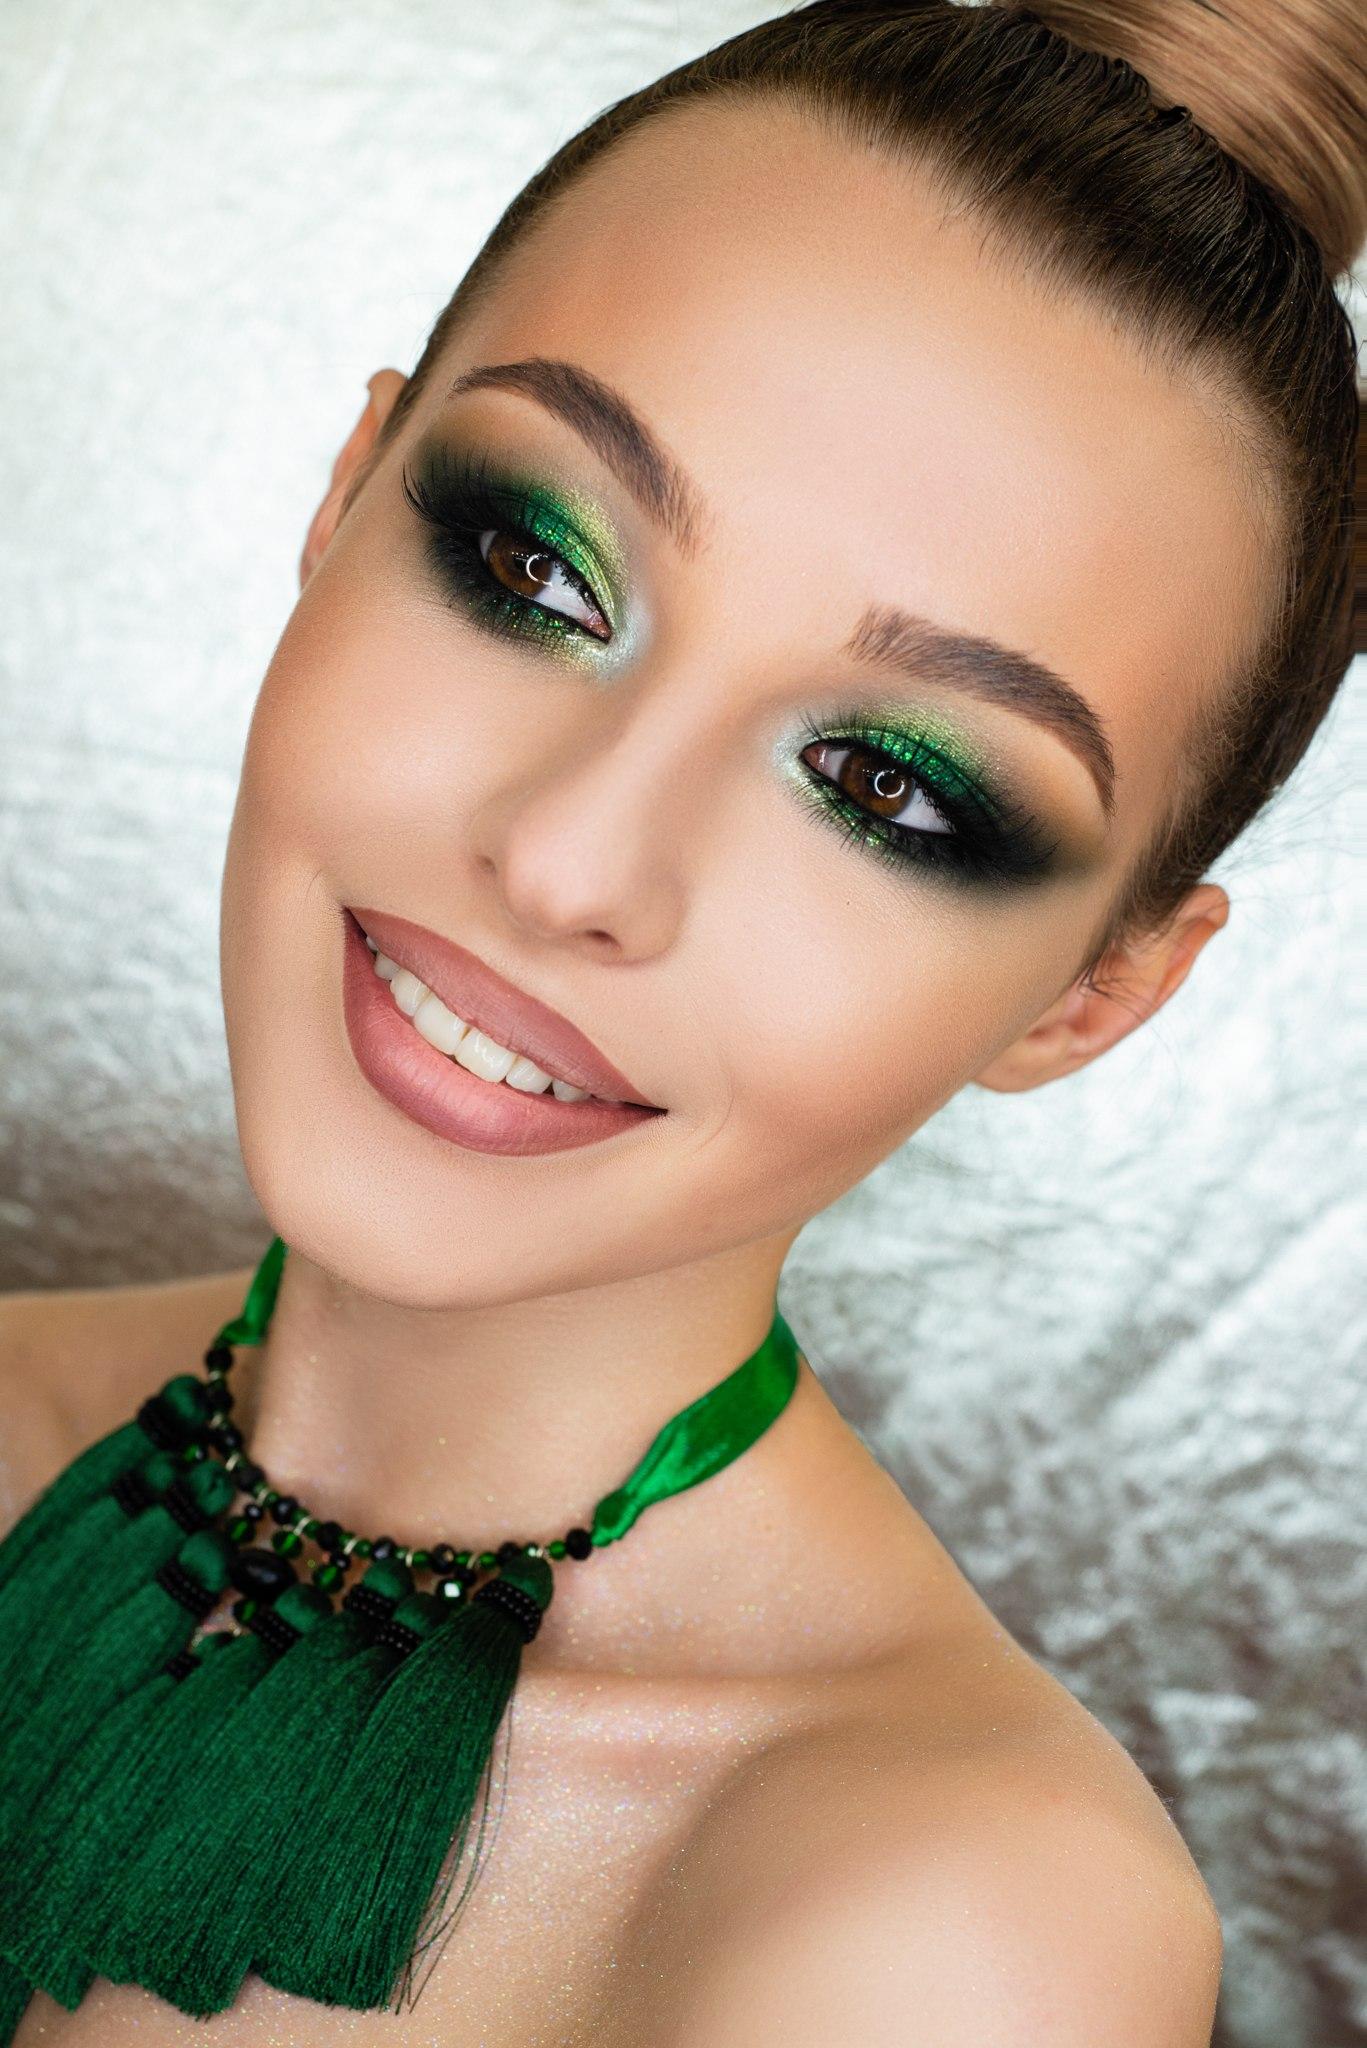 макияж вечерний фото не очень яркий помощью этого метода